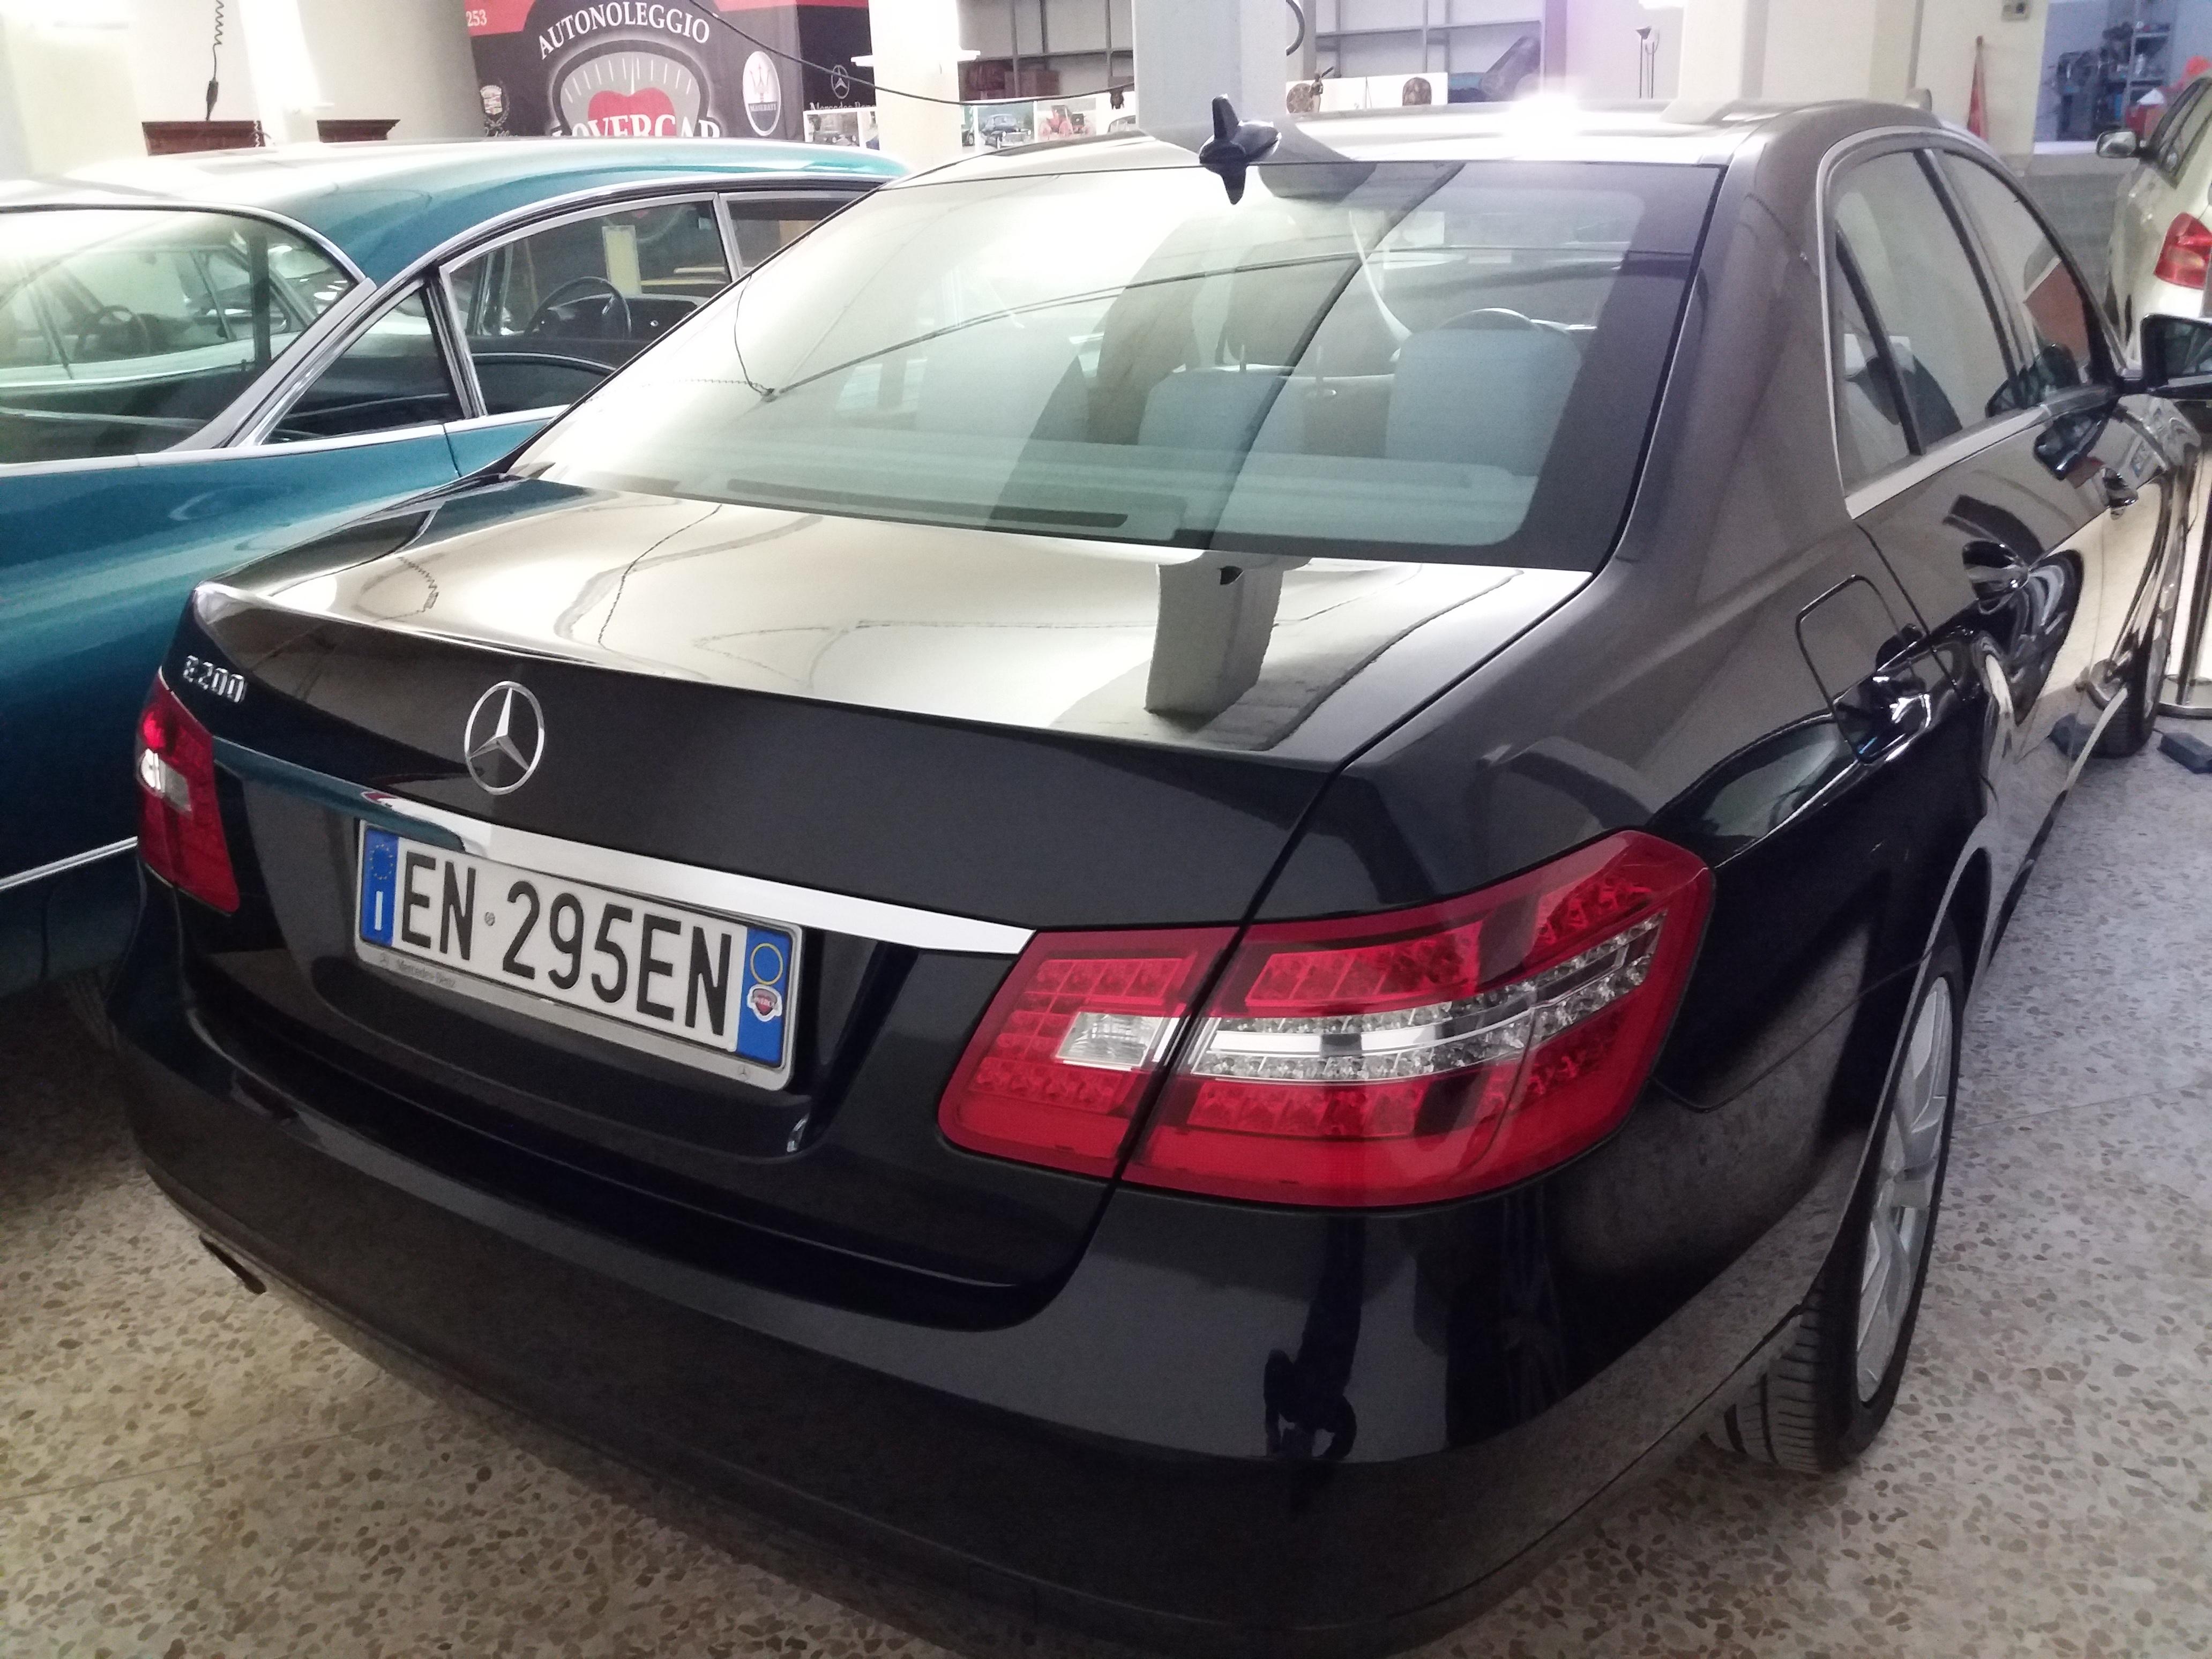 Noleggio Mercedes - foto retro